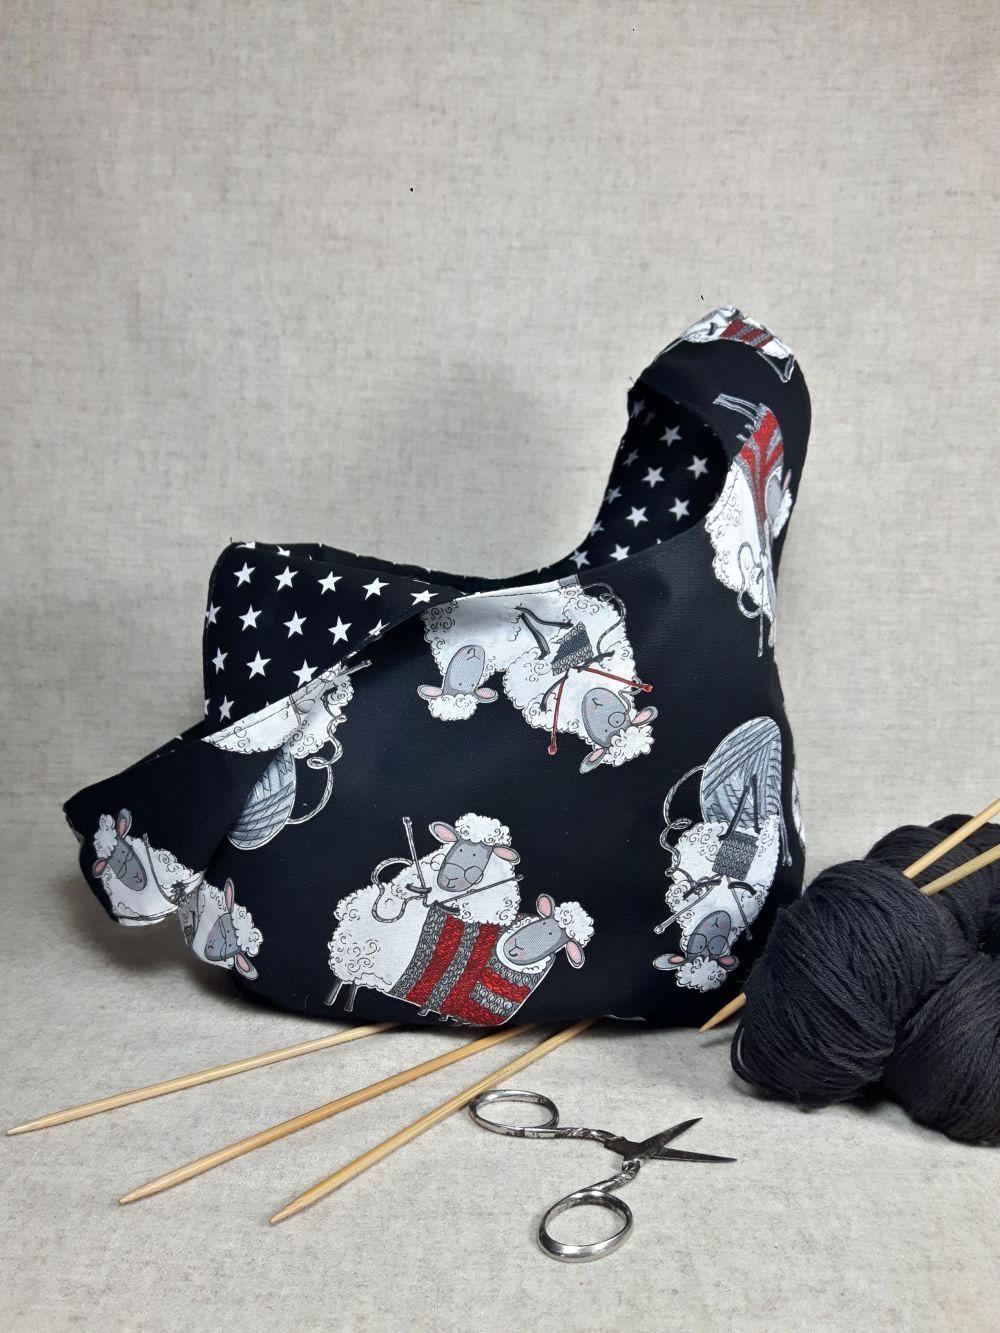 Wendetasche mit Motiv: Strickende Schafe, Innenseite Sternchen, schwarz und…